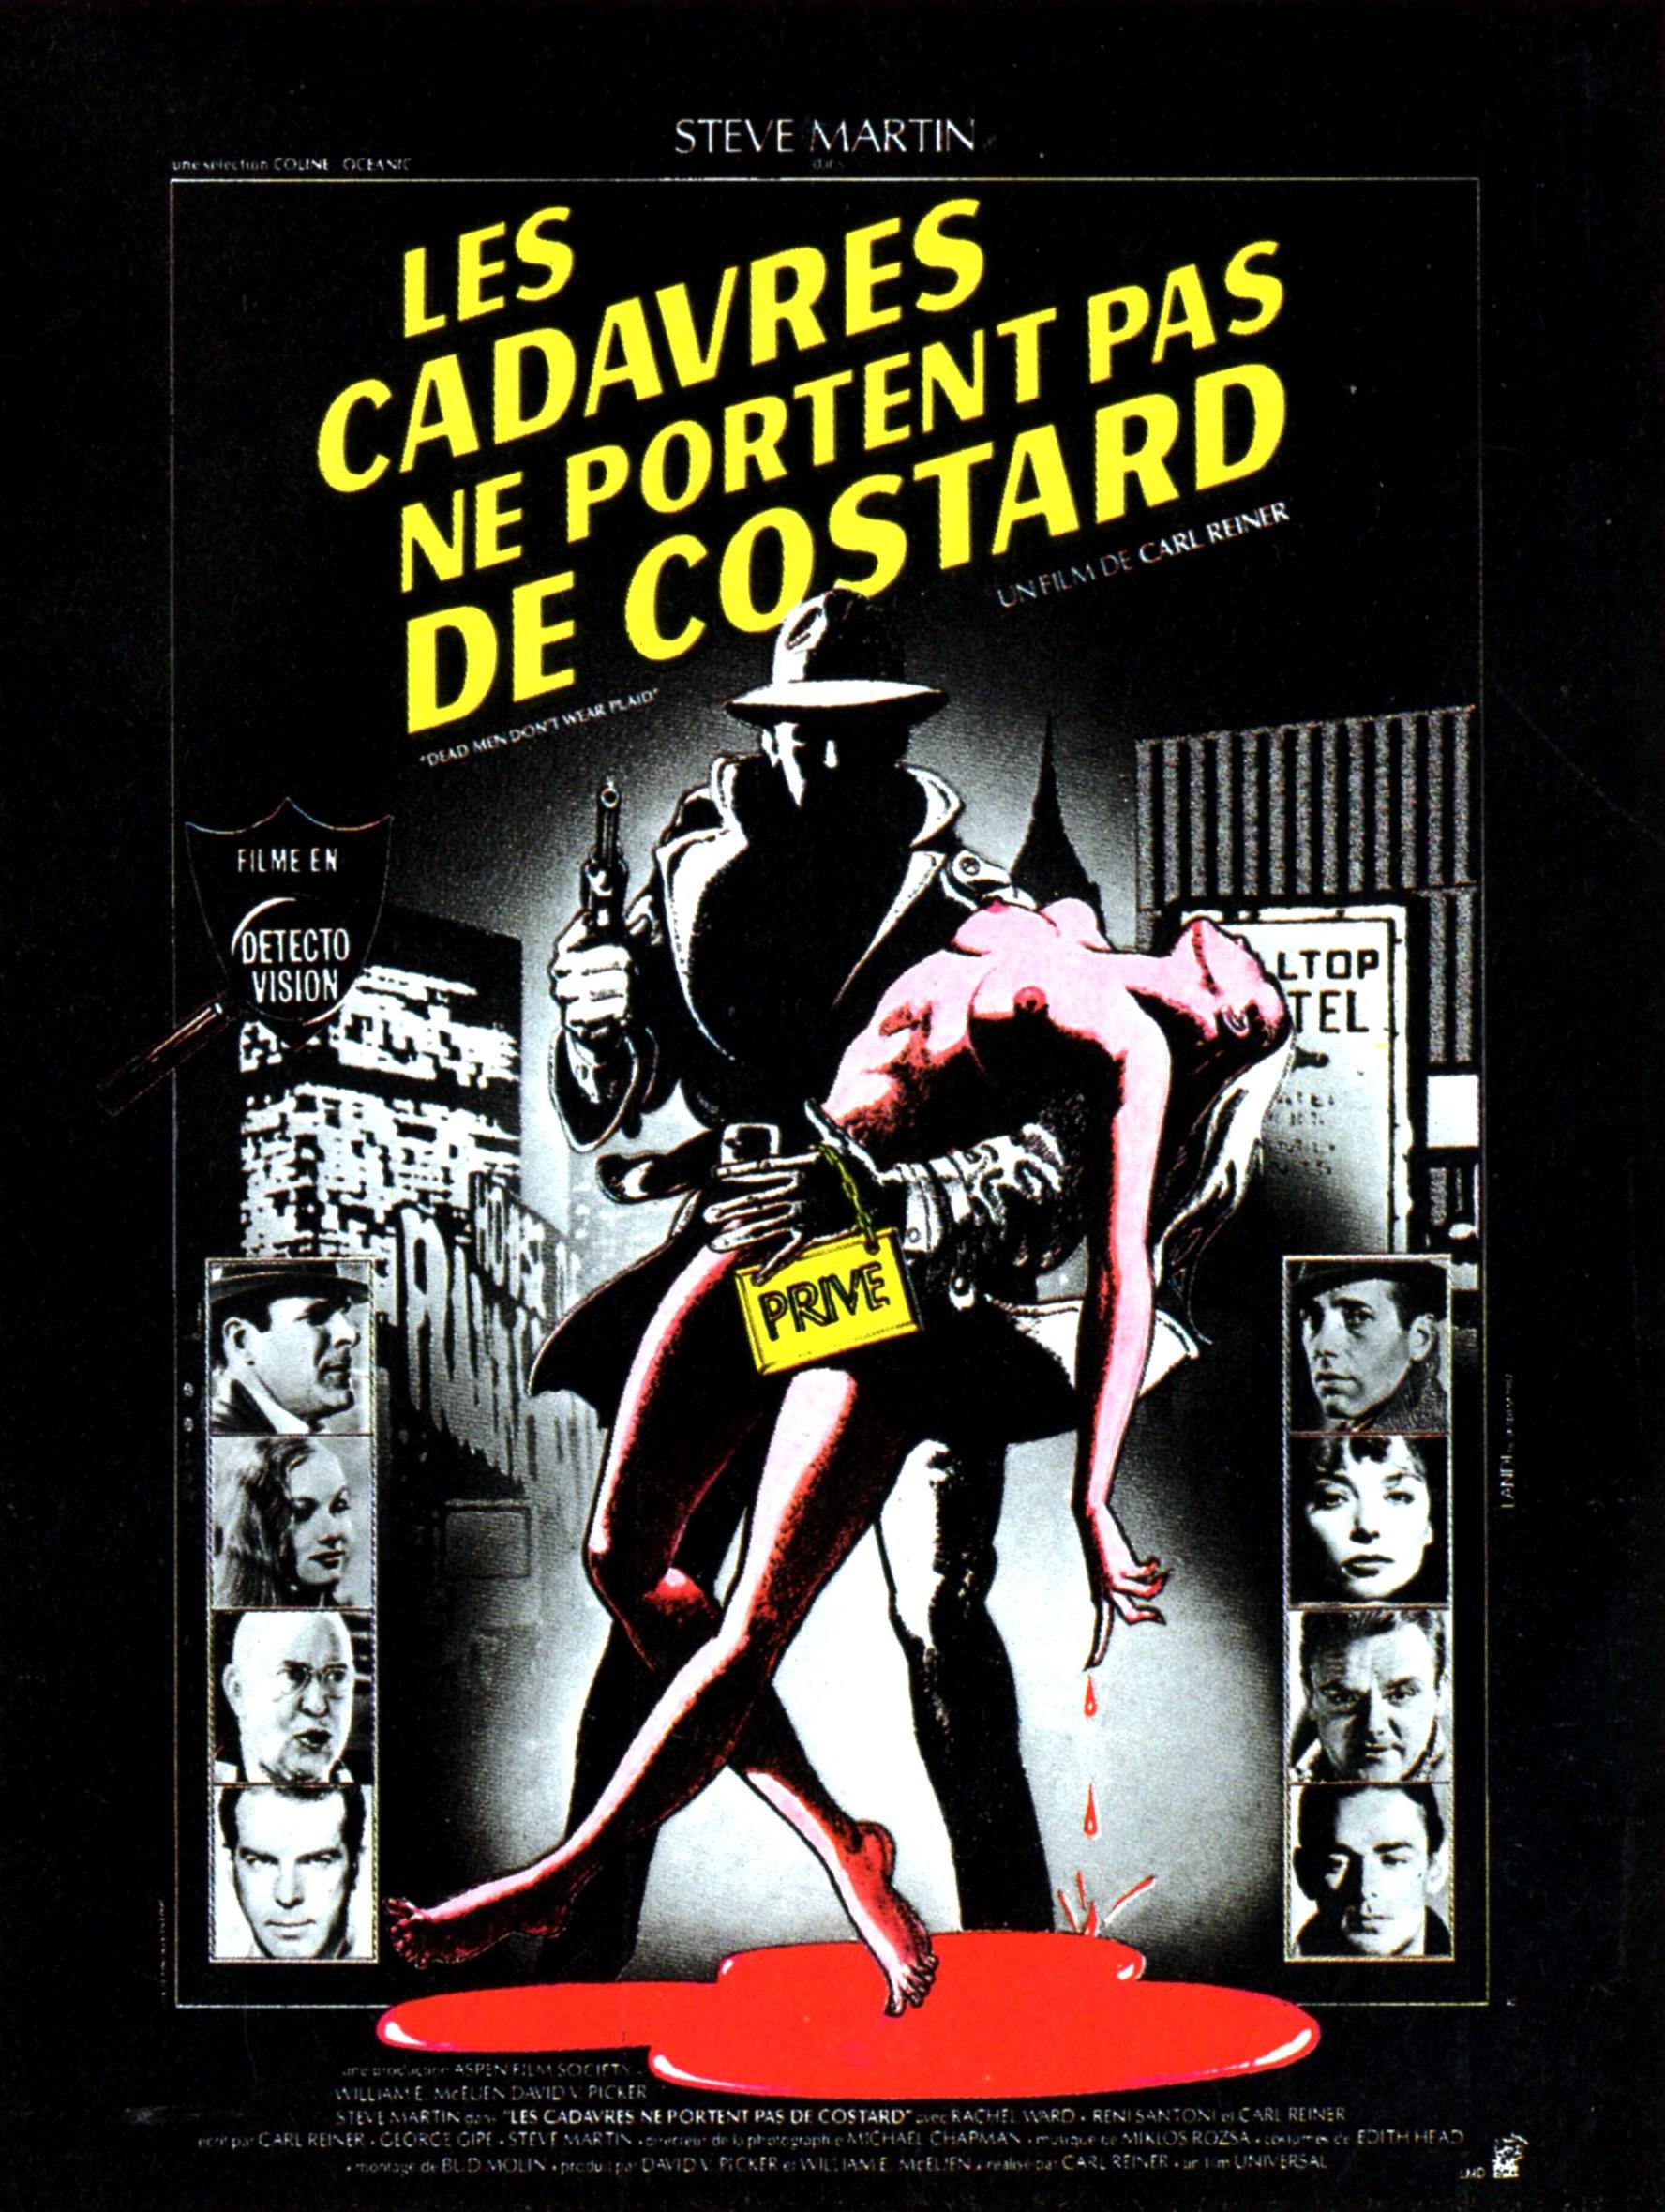 affiche du film Les Cadavres ne portent pas de costard